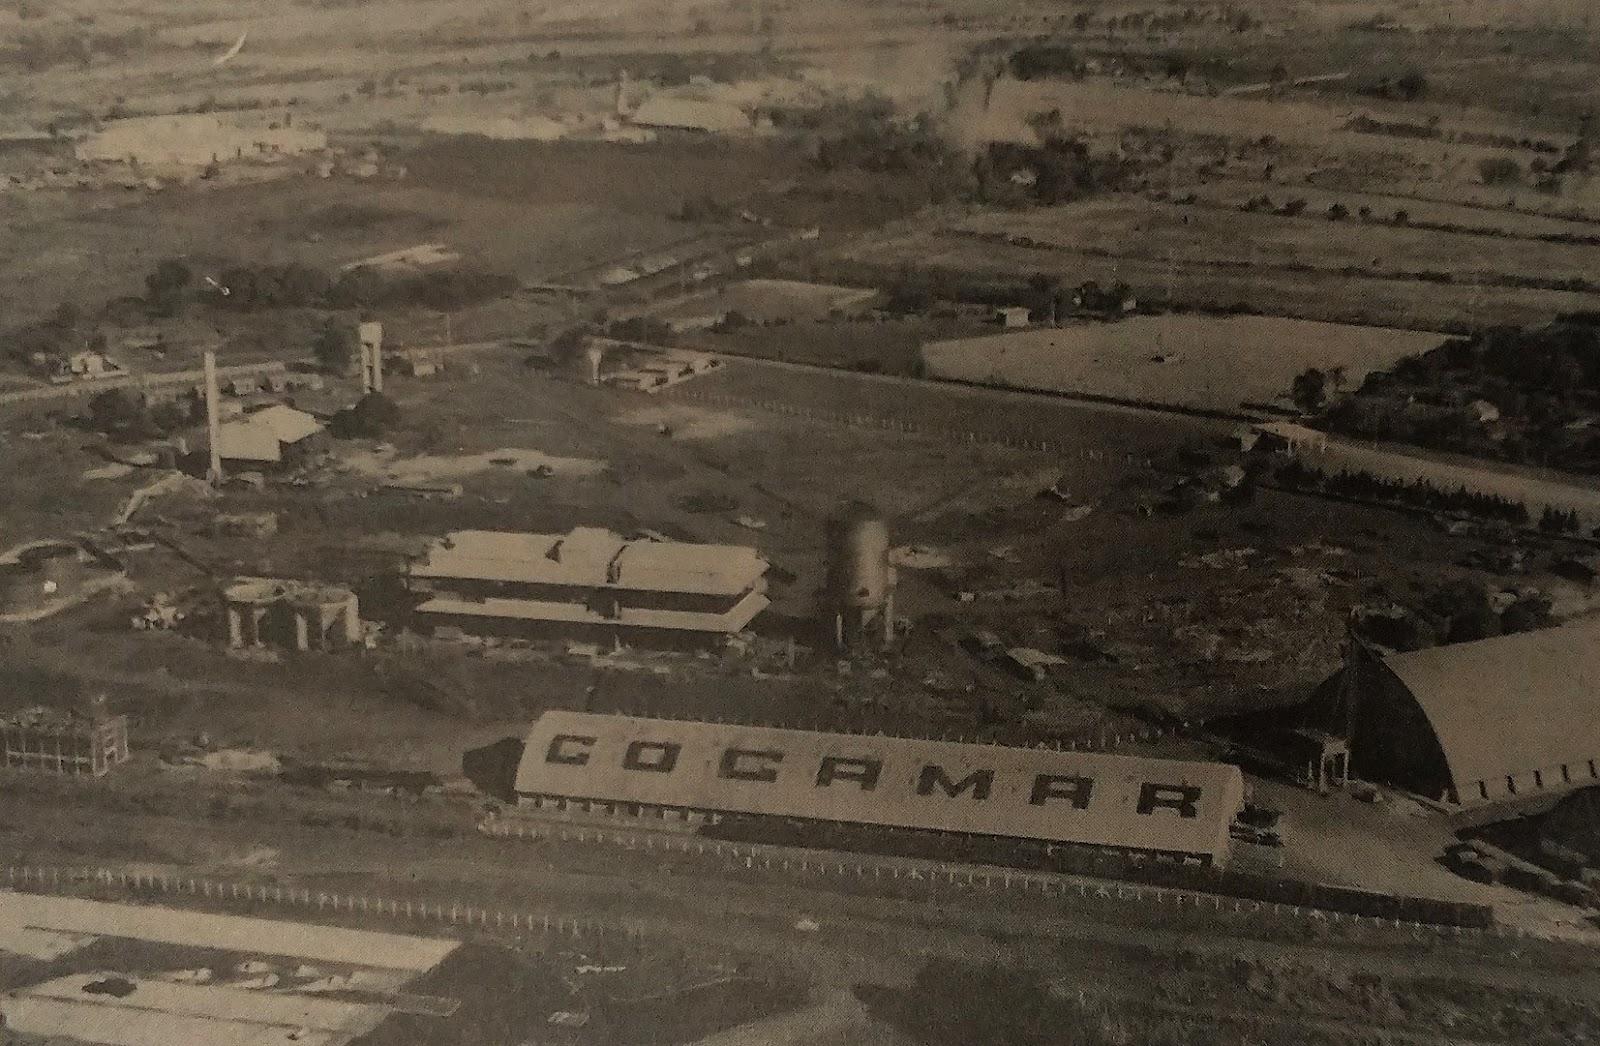 Fábrica de óleos COCAMAR - 1978